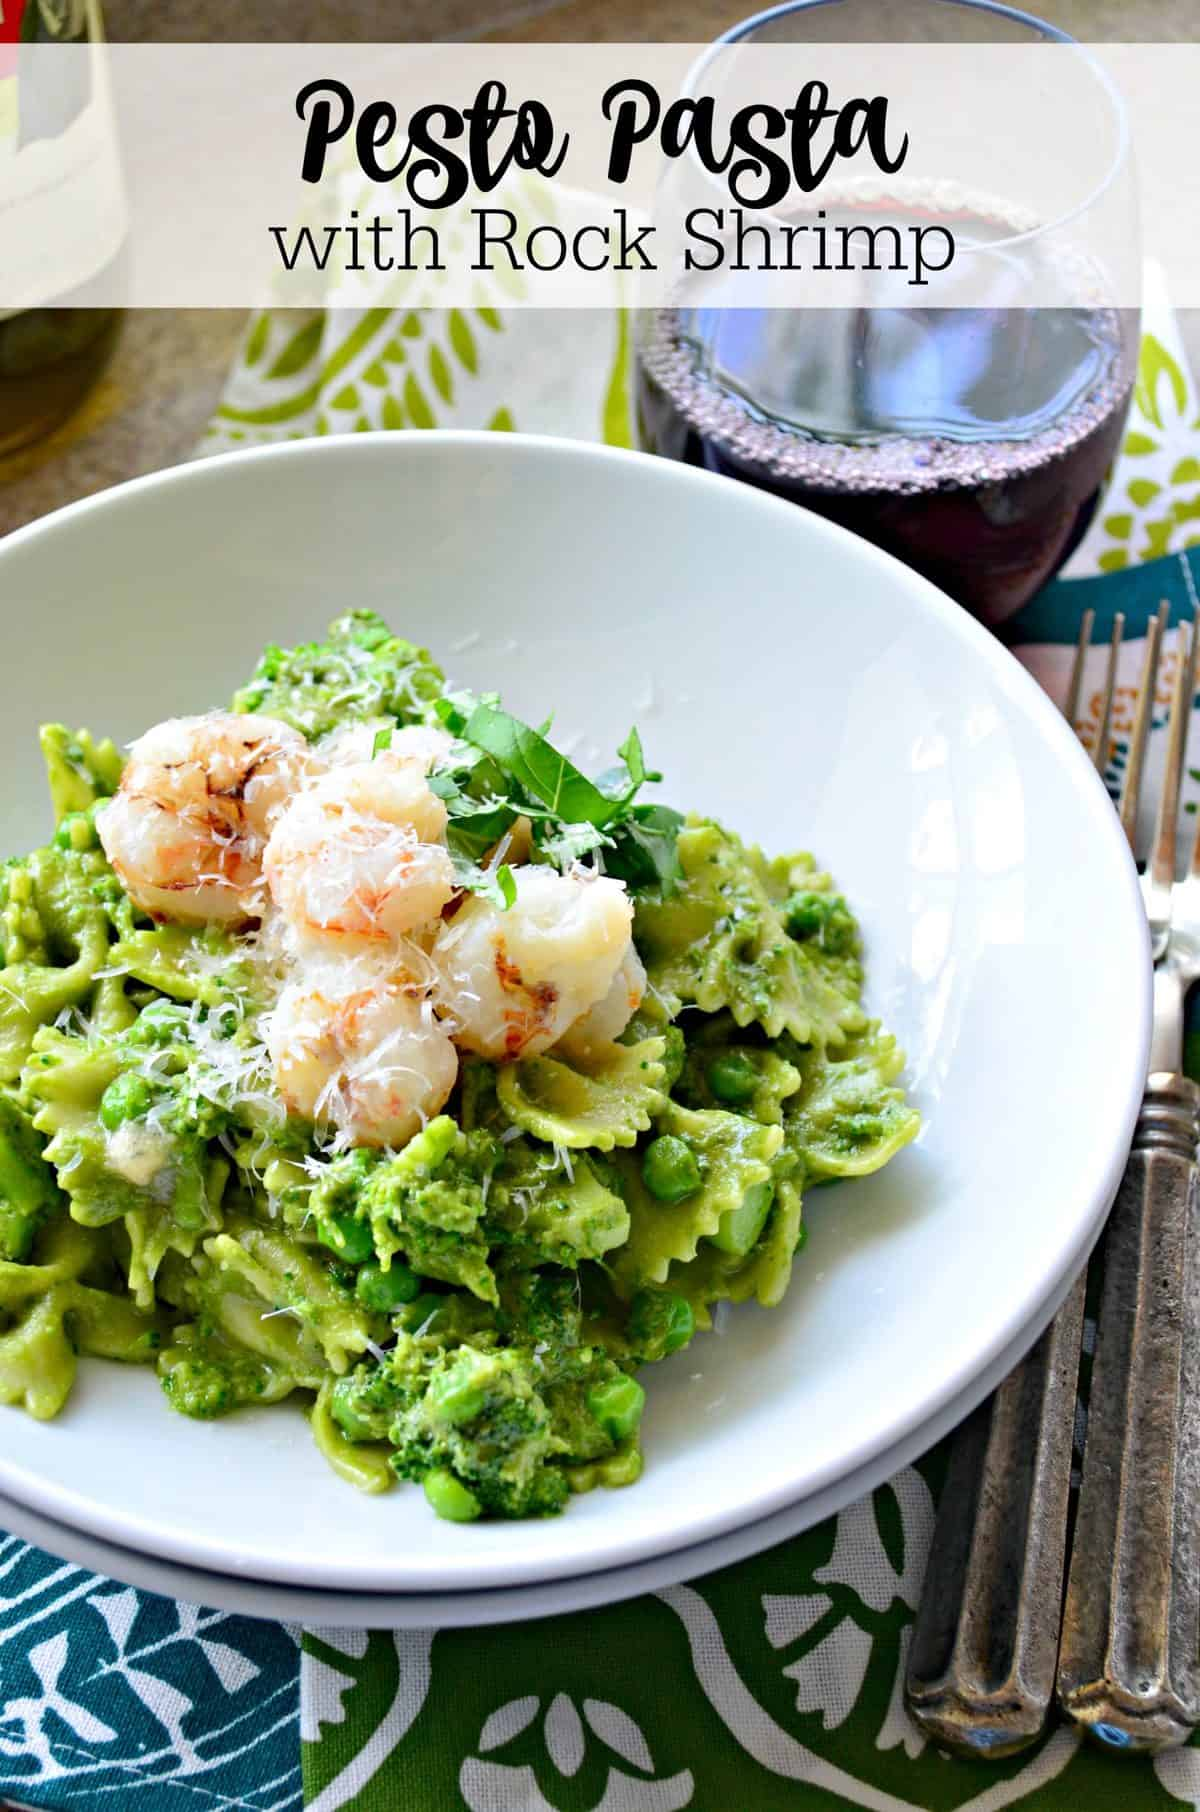 Pesto Pasta with Rock Shrimp  Katies Cucina